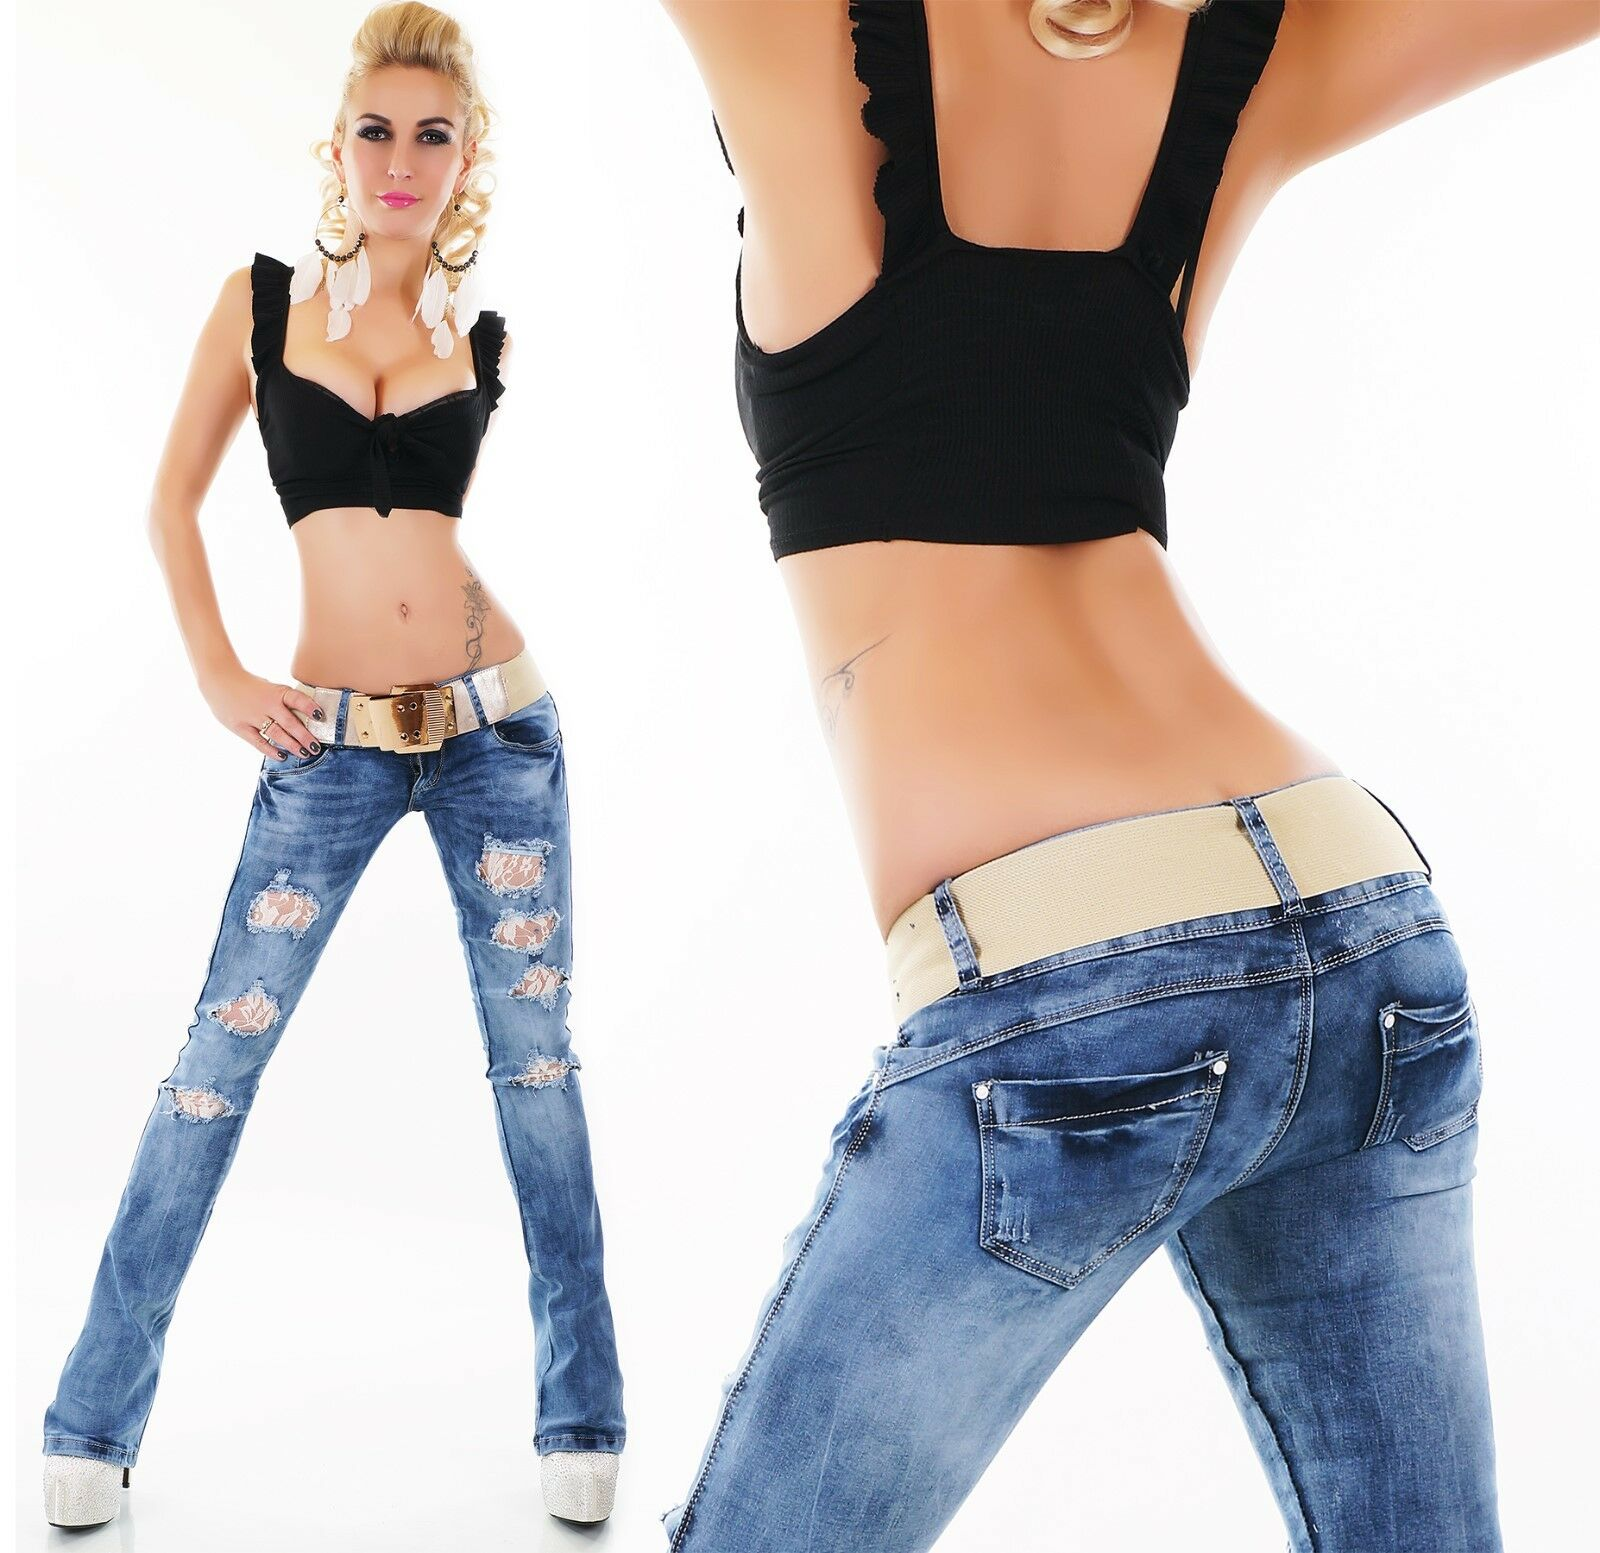 SeXy SeXy SeXy Damen MiSS Retro Risse Spitze Hüft Hose LoW CuT Jeans Gürtel 32 34 36 38 40   Outlet Online Store    Wunderbar    Spielzeug mit kindlichen Herzen herstellen  0eb18d